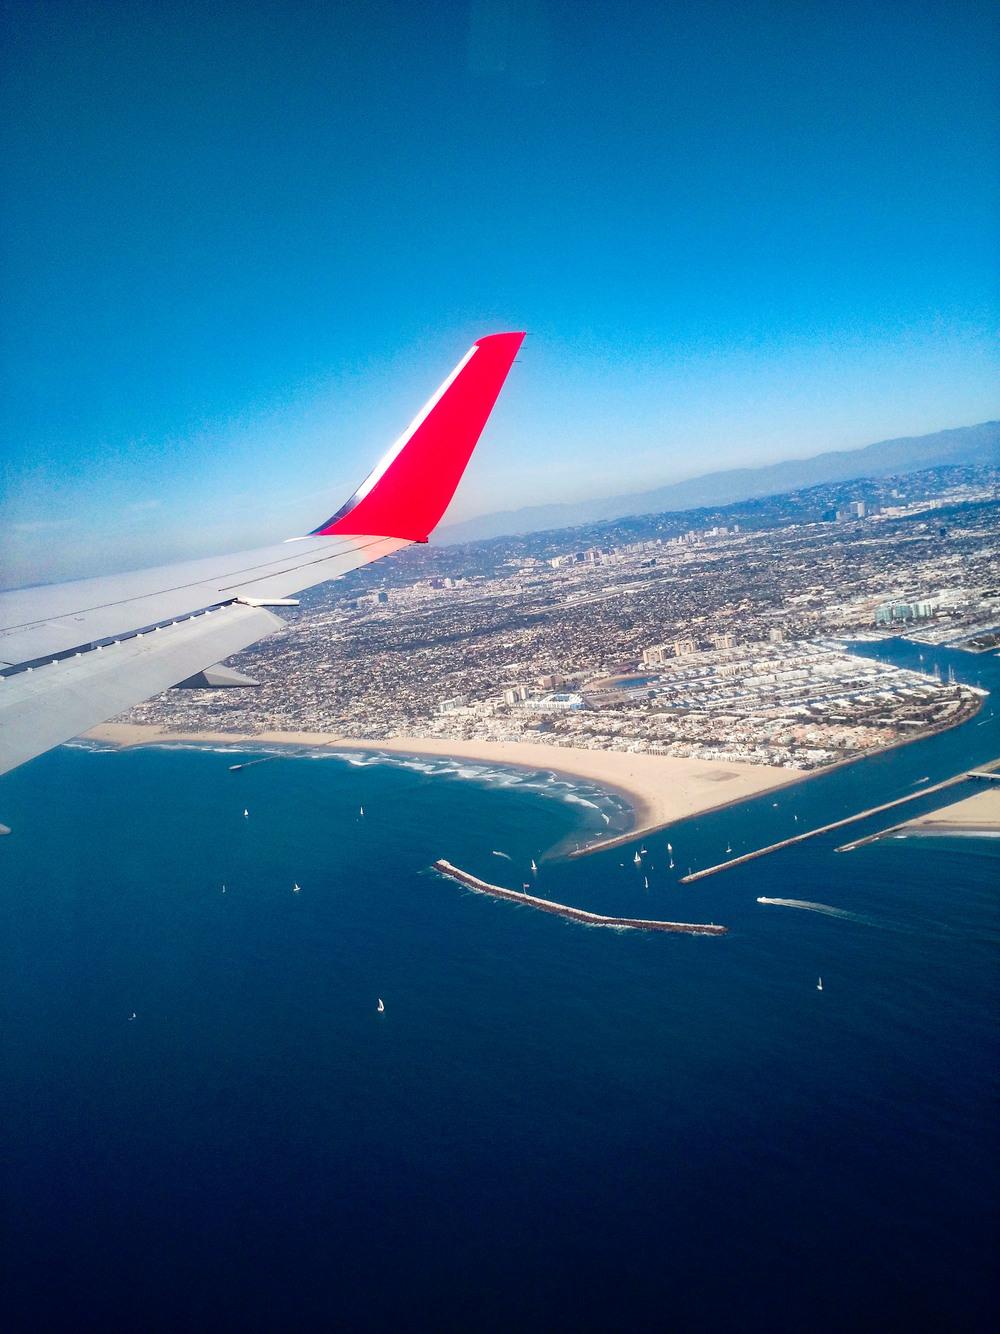 Moto X 2014 | Potato Lens Through an Airplane Window